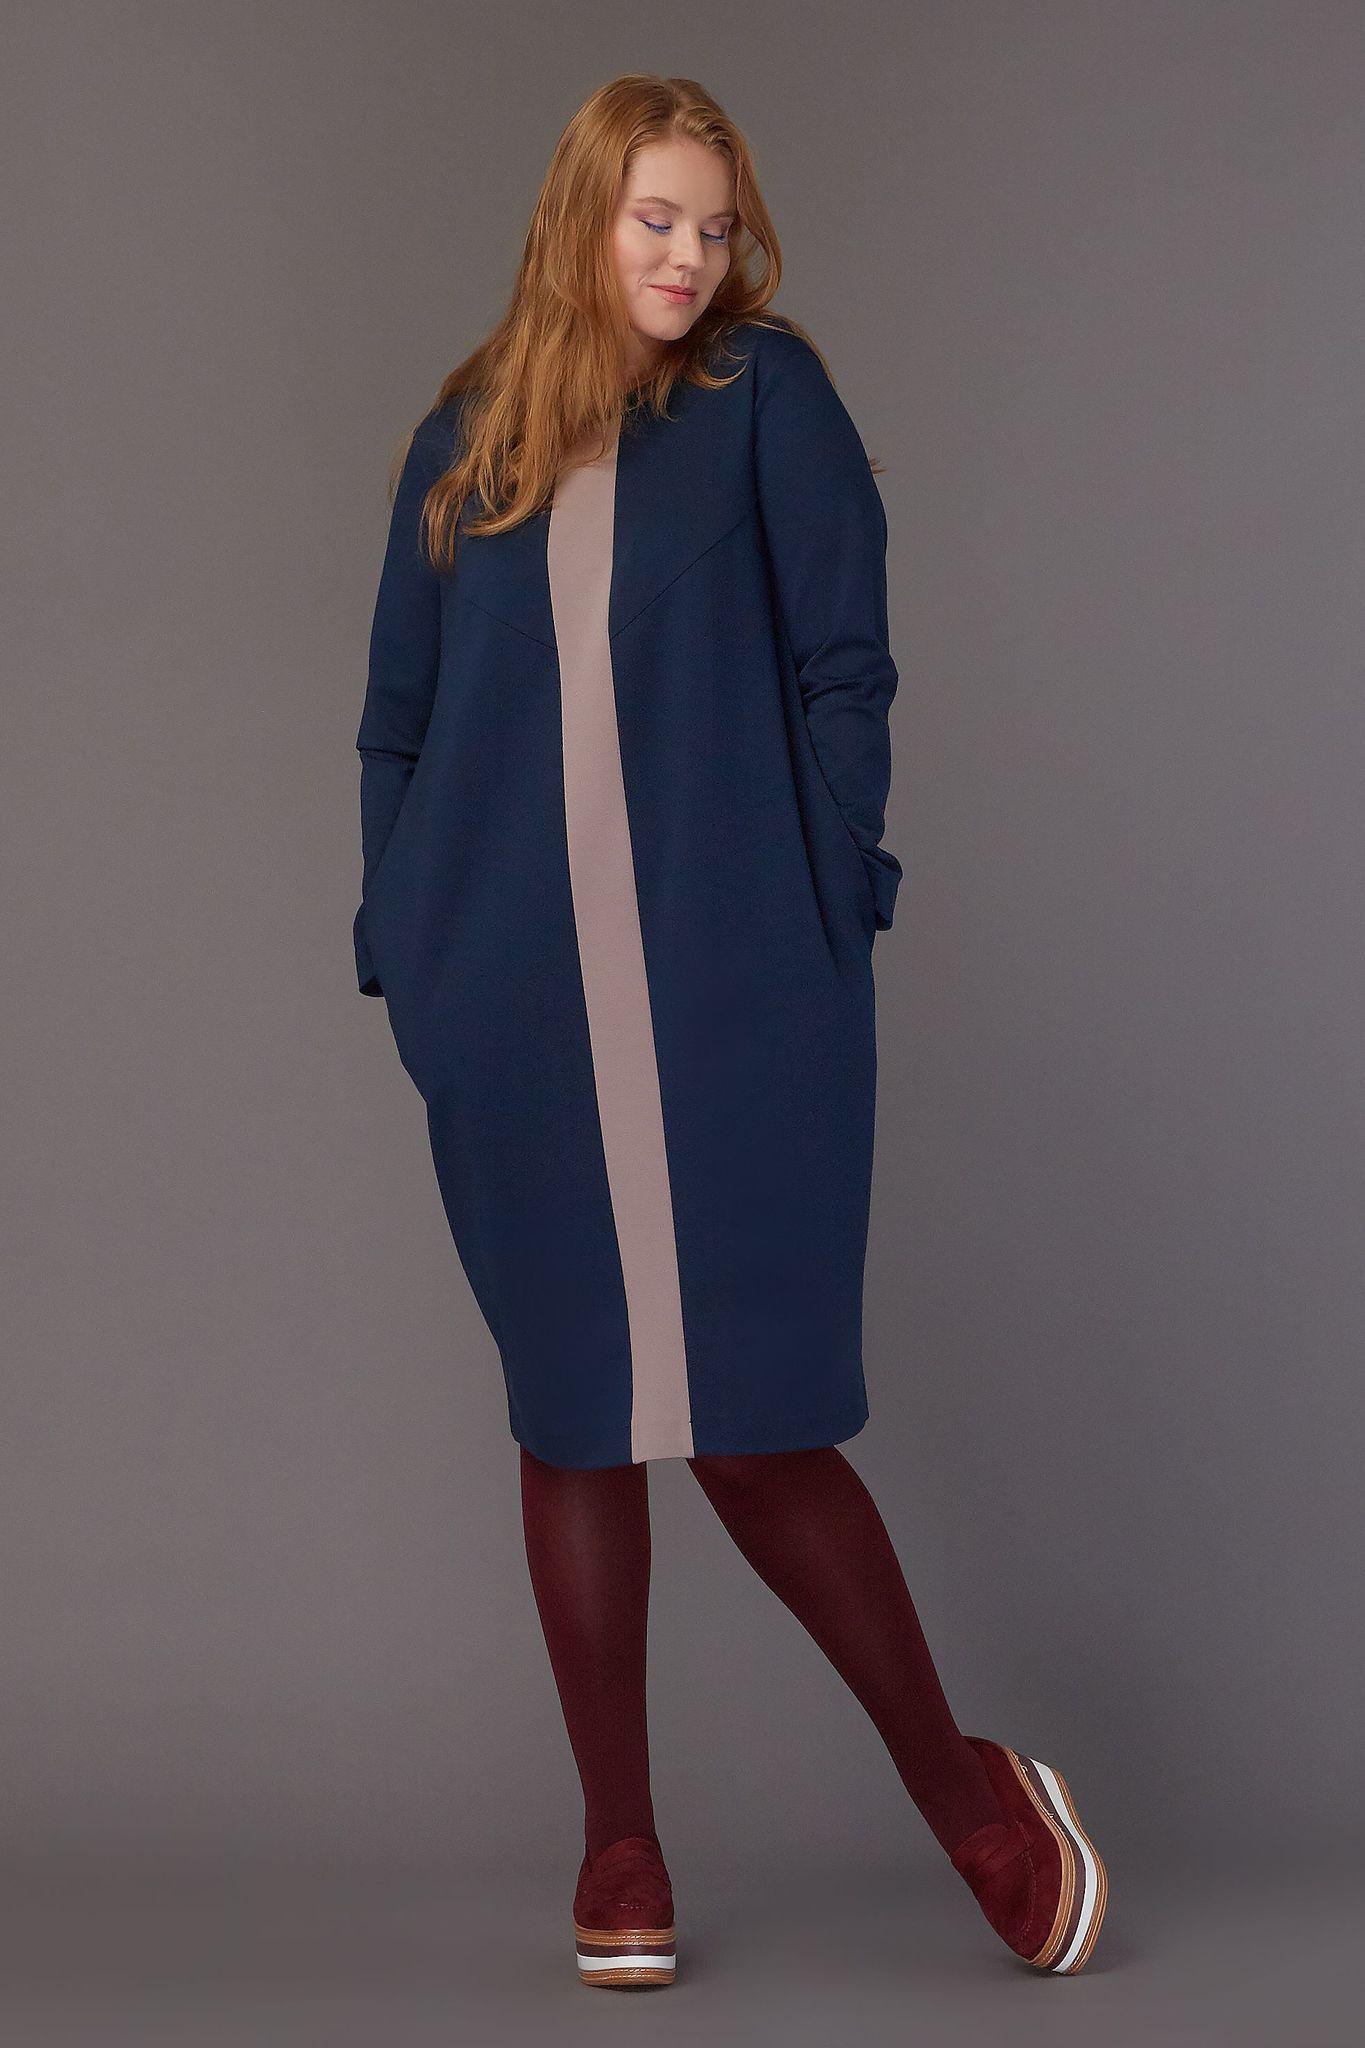 Платье   LE-08 D04 31/15Хиты продаж<br>Уютное платье-кокон из плотного мягкого трикотажа с контрастной полосой, длиной чуть ниже колена и  функциональными карманами. Все, что необходимо этой осенью - в одном платье, которое можно носить так часто, как хочется, меняя только аксессуары. Рост модели на фото 179 см, размер - 52 российский.Рост модели на фото 179 см, размер - 52 российский<br>